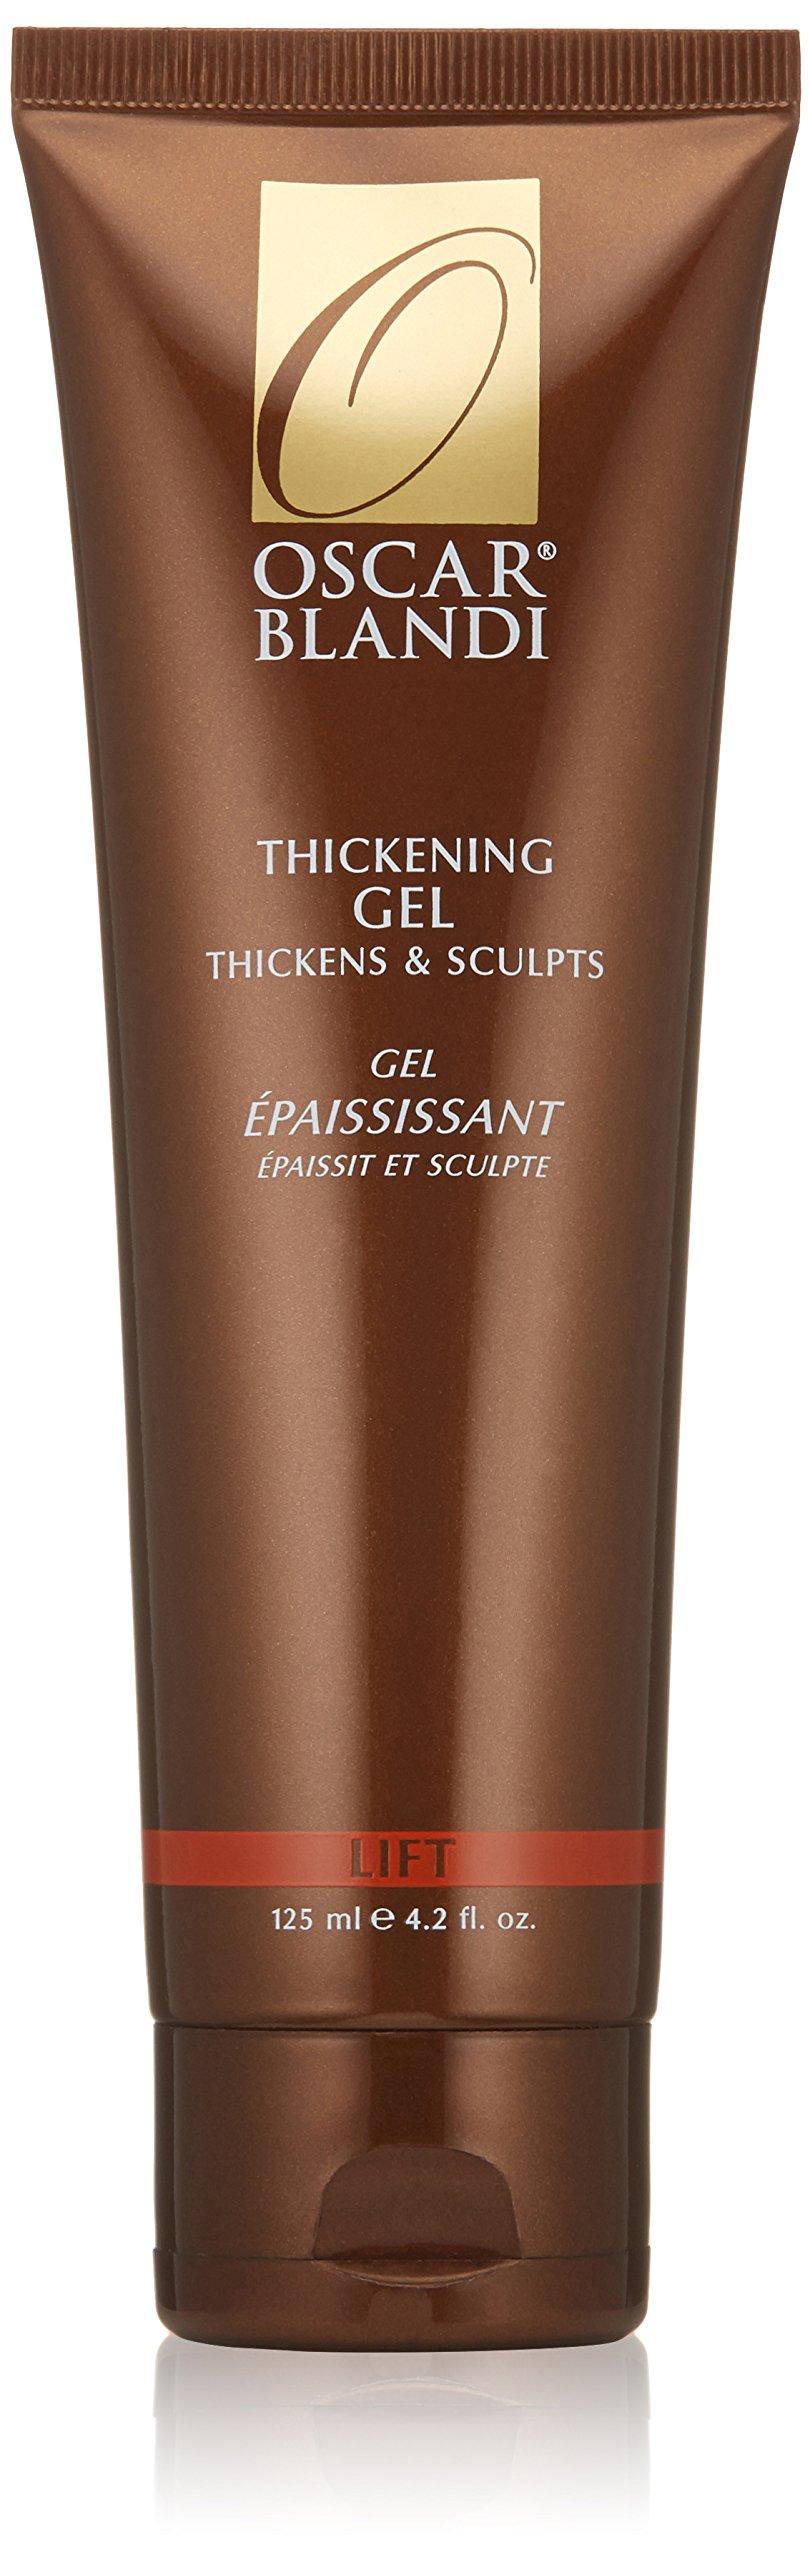 Oscar Blandi Lift Thickening Gel, 4.2 fl. oz.